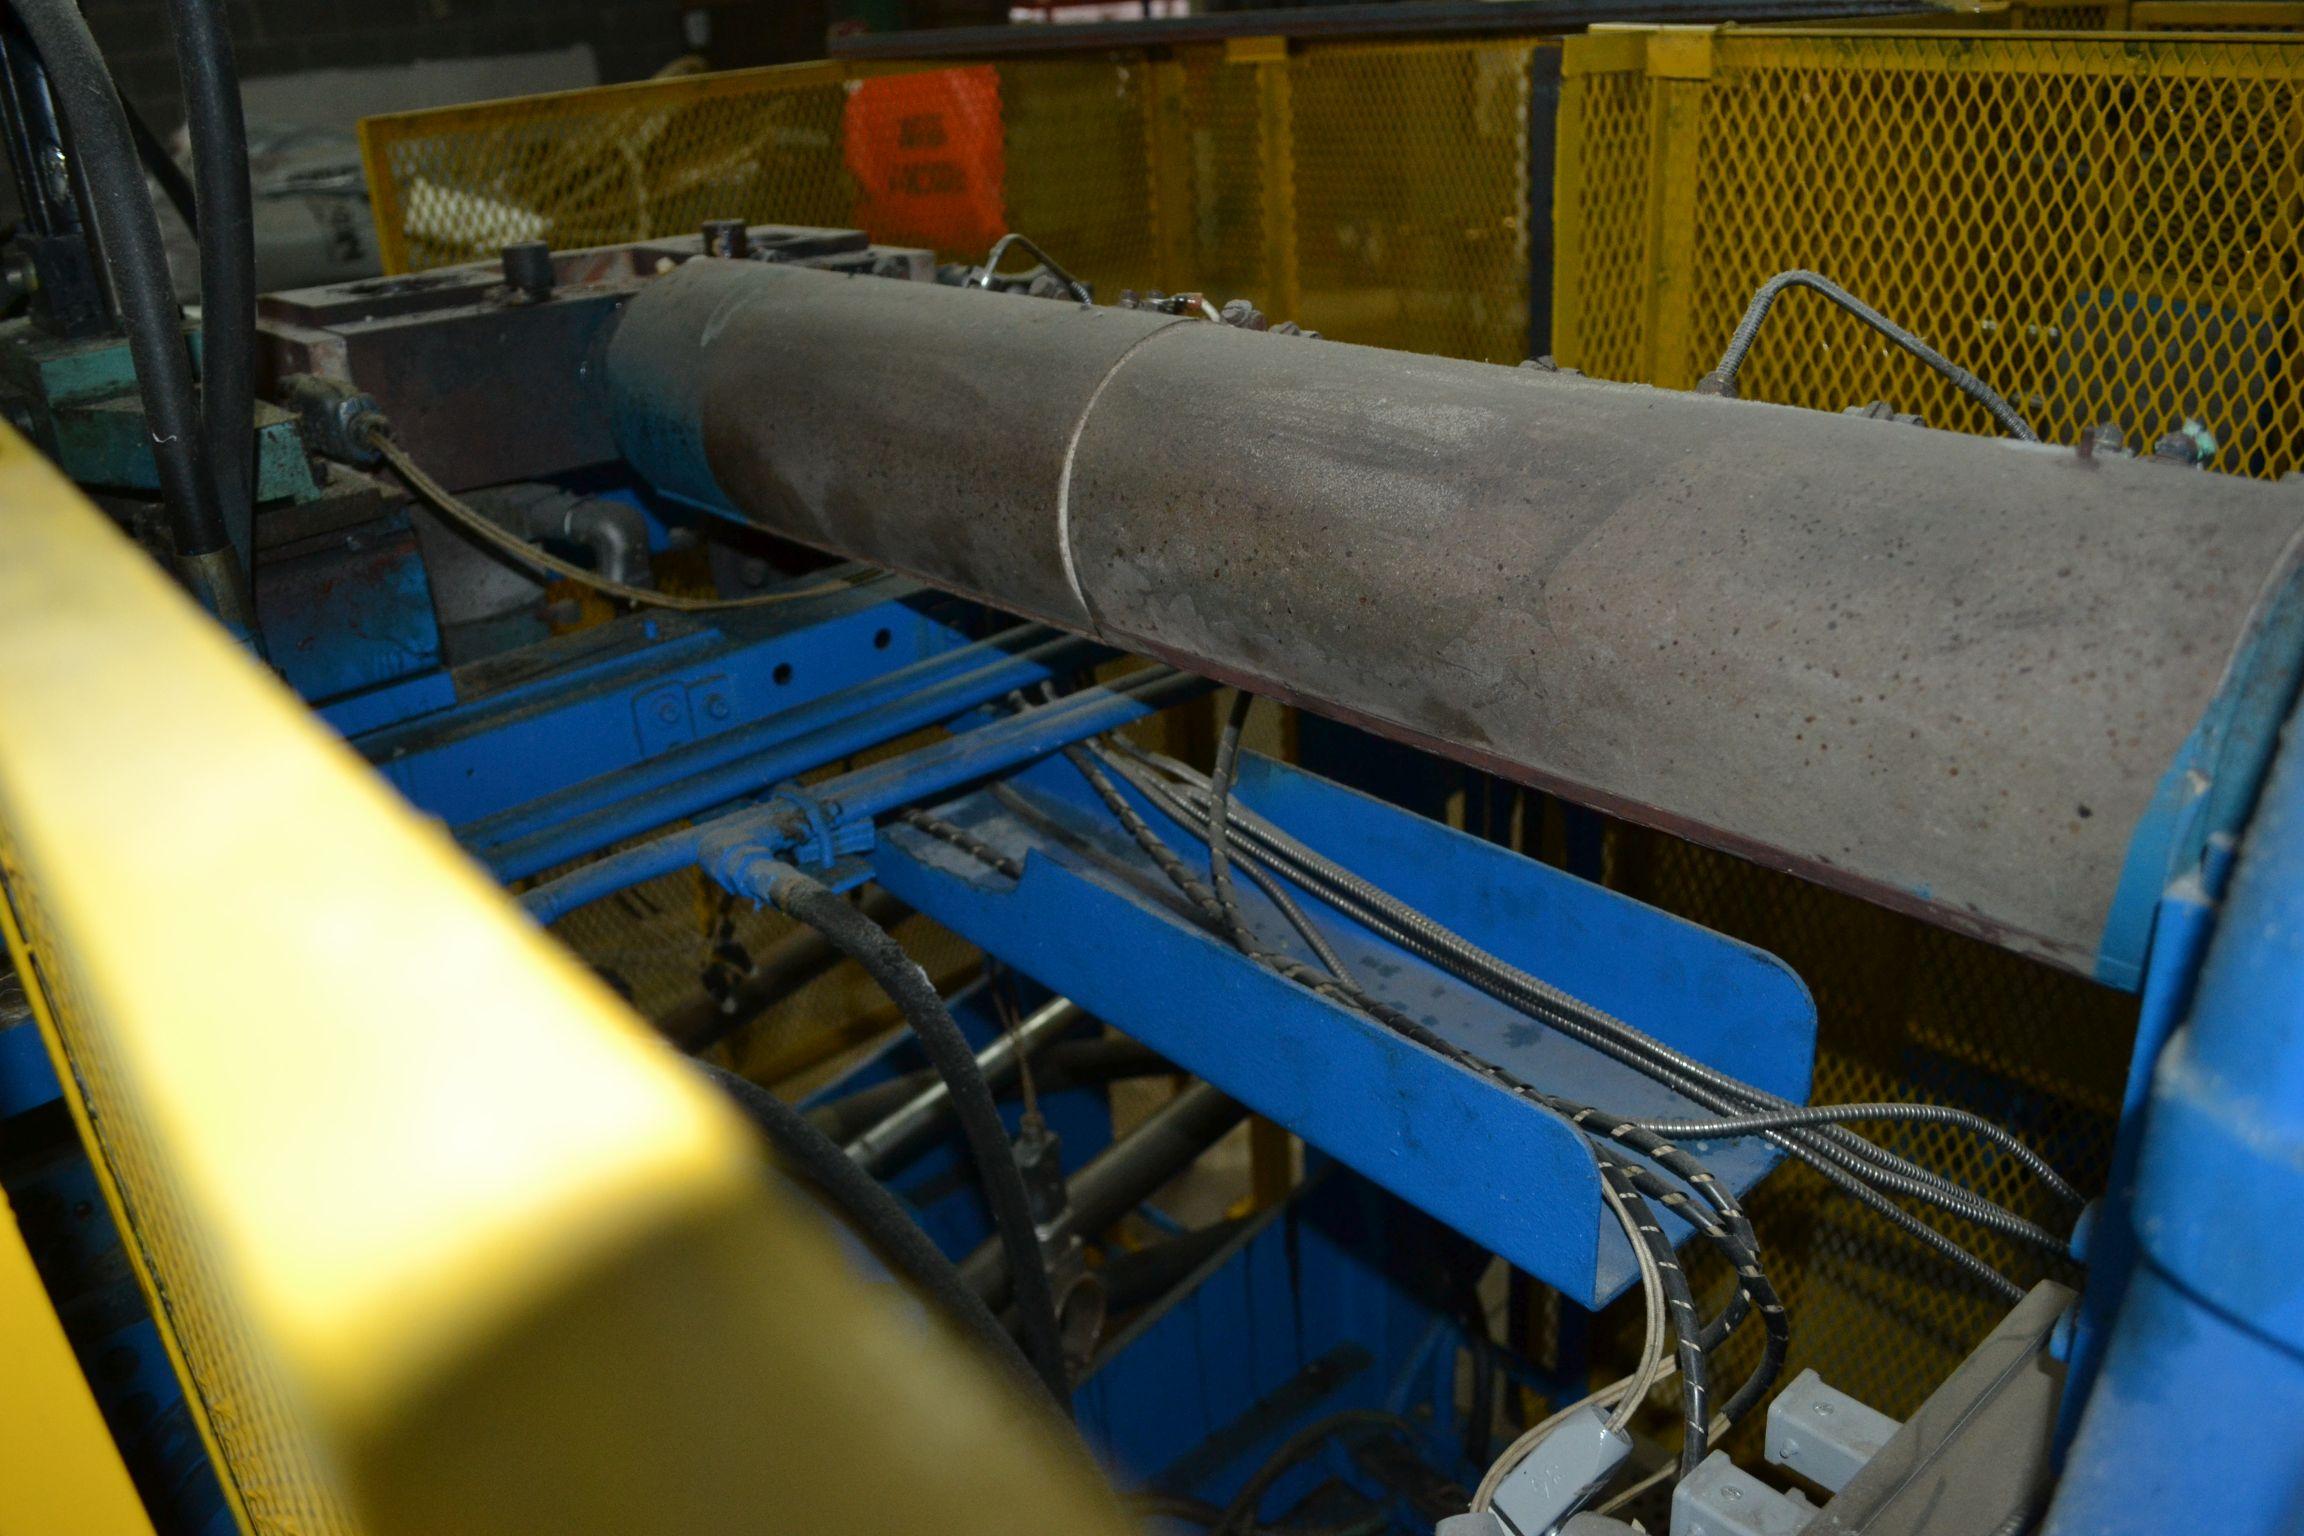 Lot 46 - Wylie-Fischer Extrusion Blow Molder